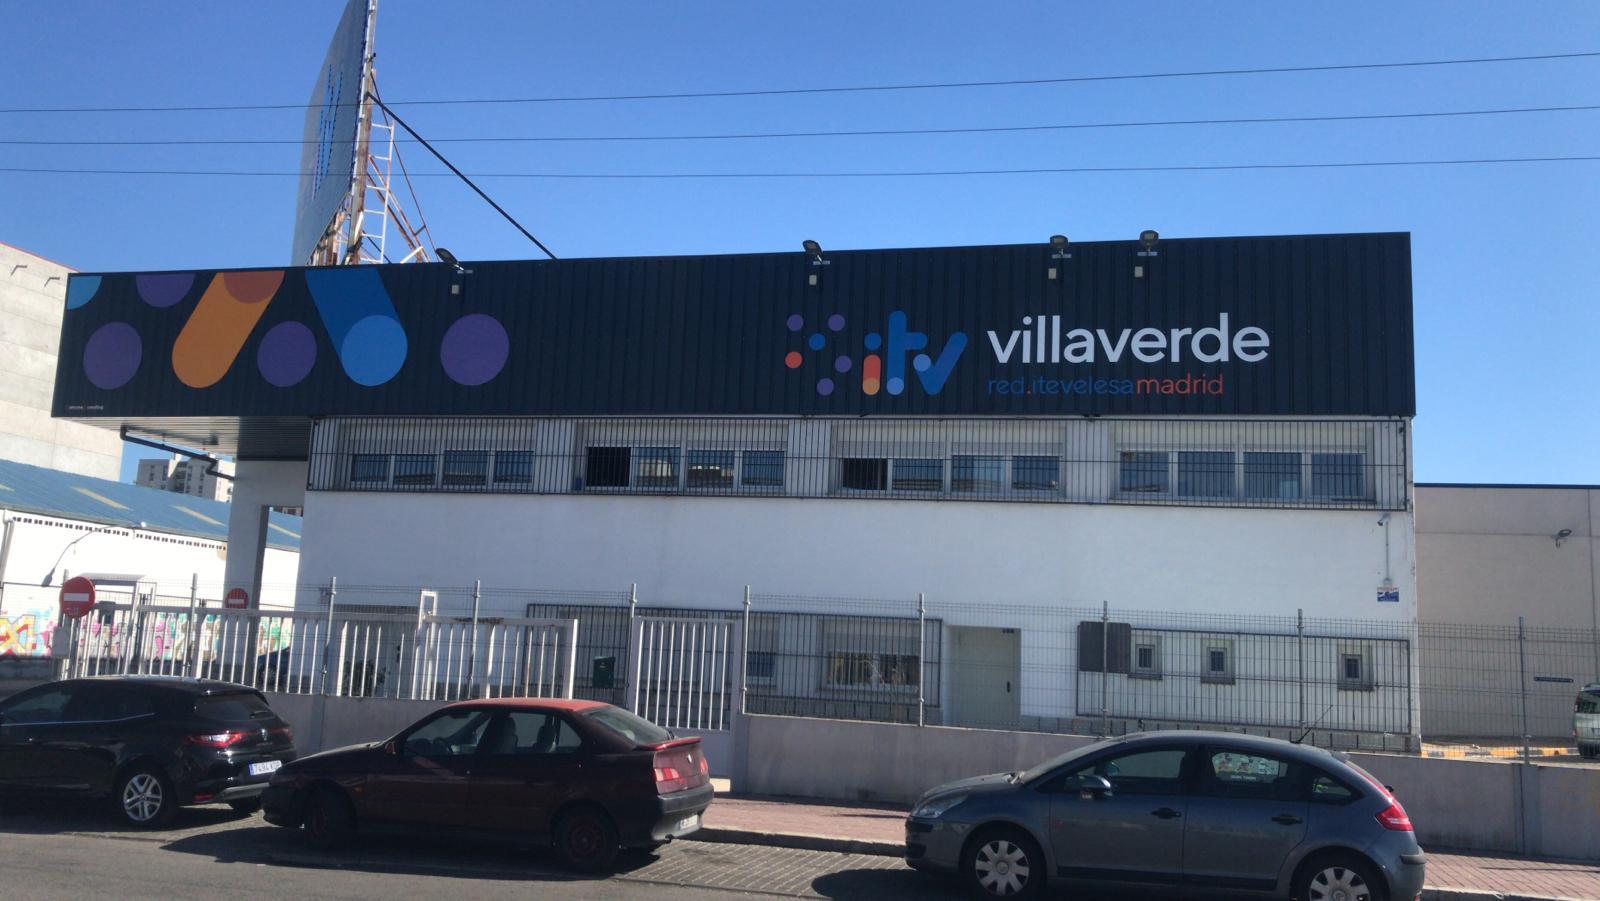 Entrada a la oficina de la Estación ITV Villaverde Red Itevelesa con el horario